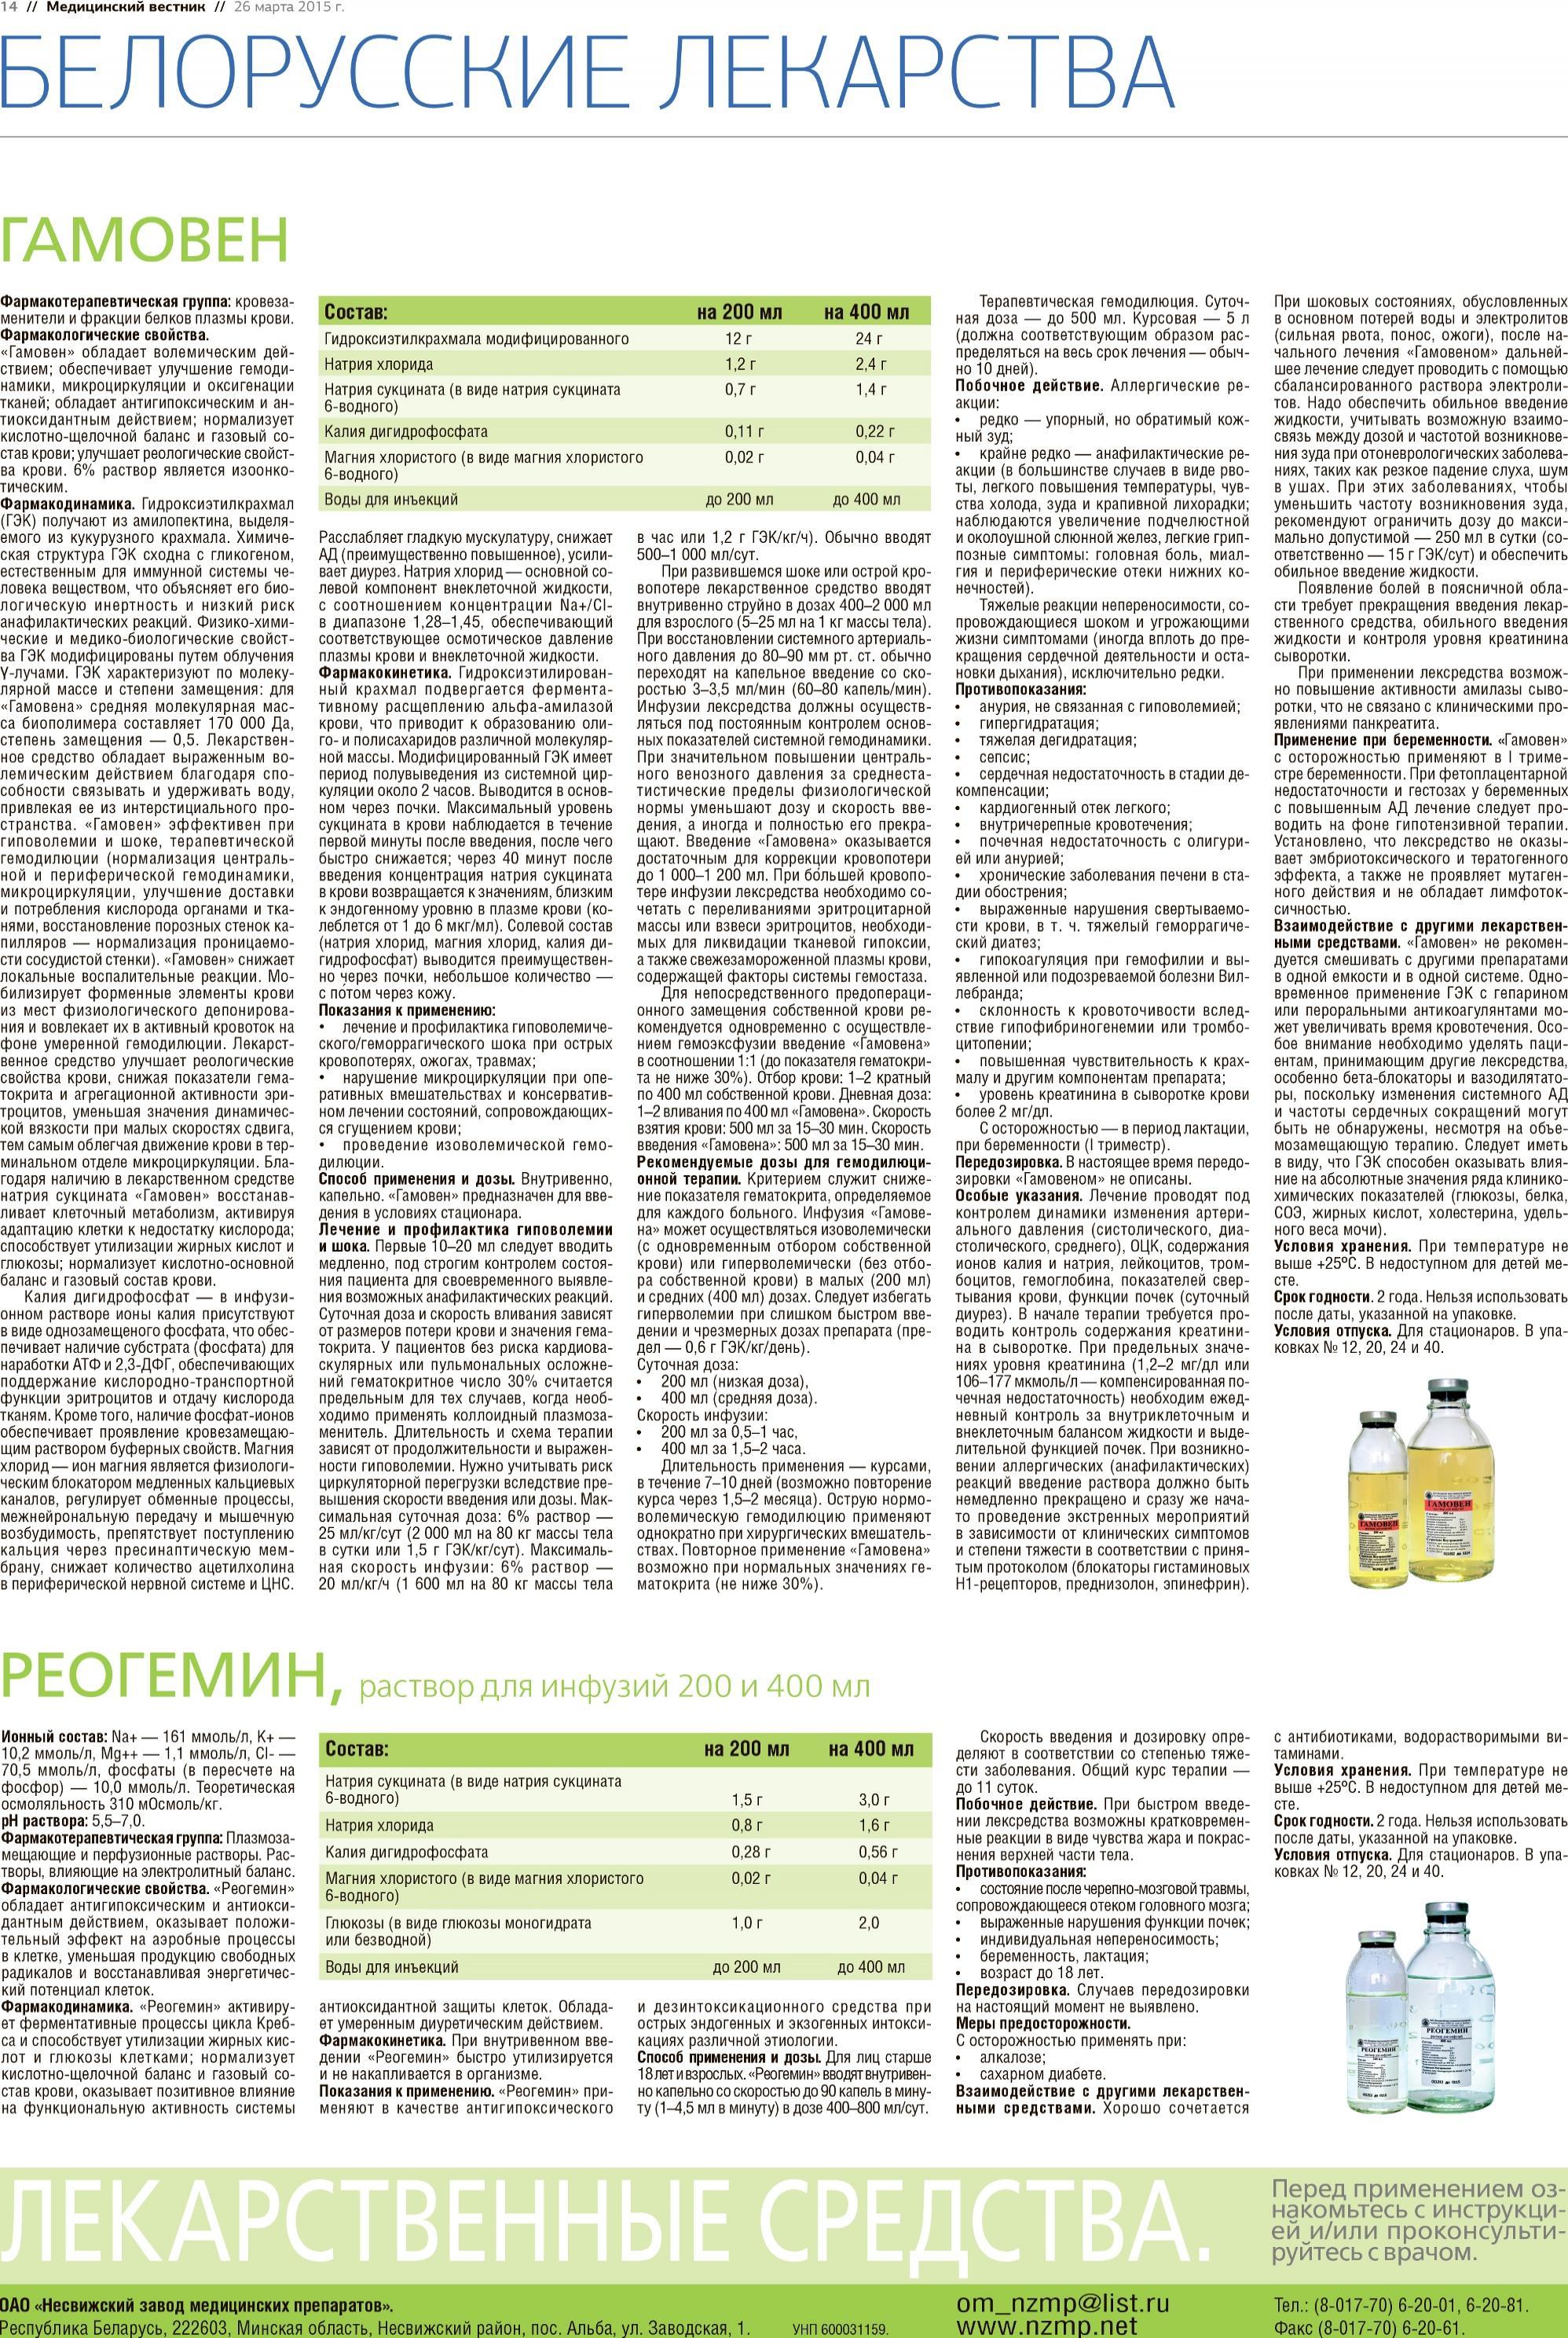 Раствор натрия хлорида: инструкция по применению